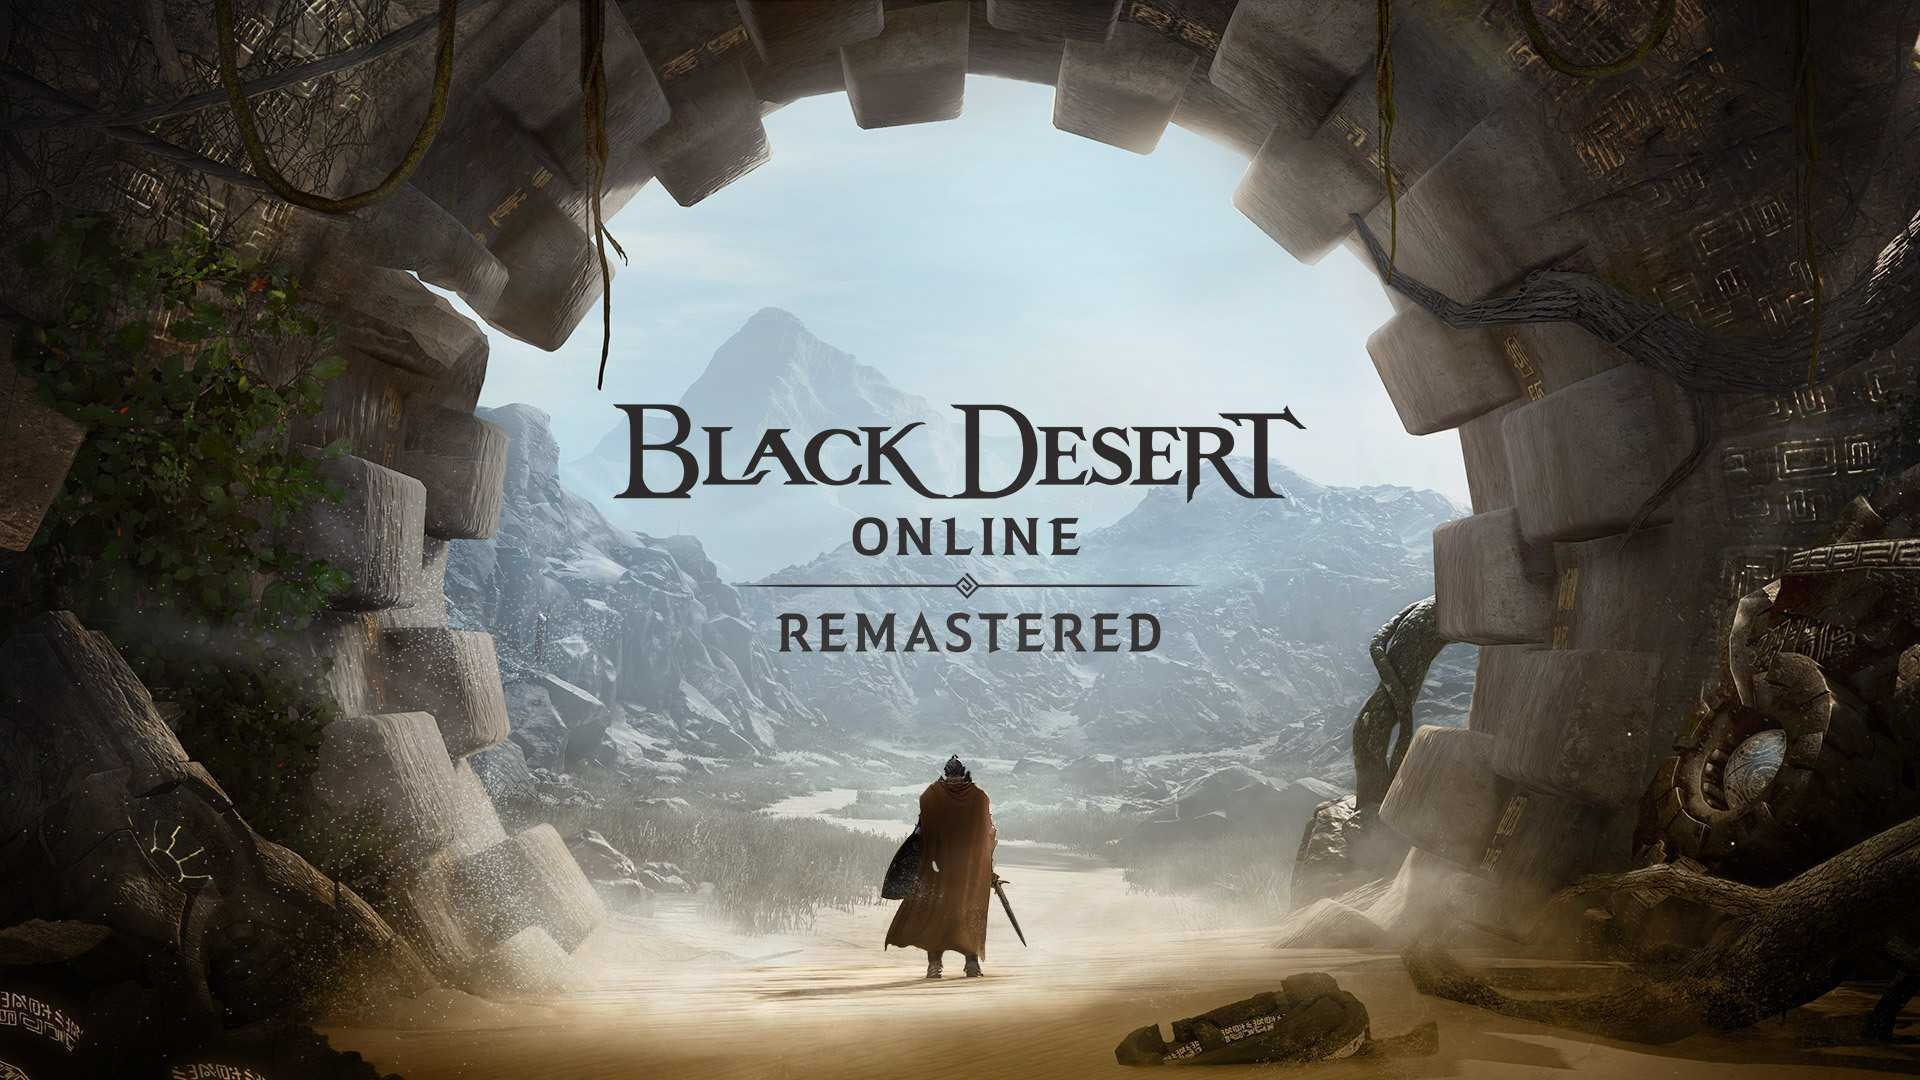 Spieszcie się! Black Desert Online za darmo na Steam!